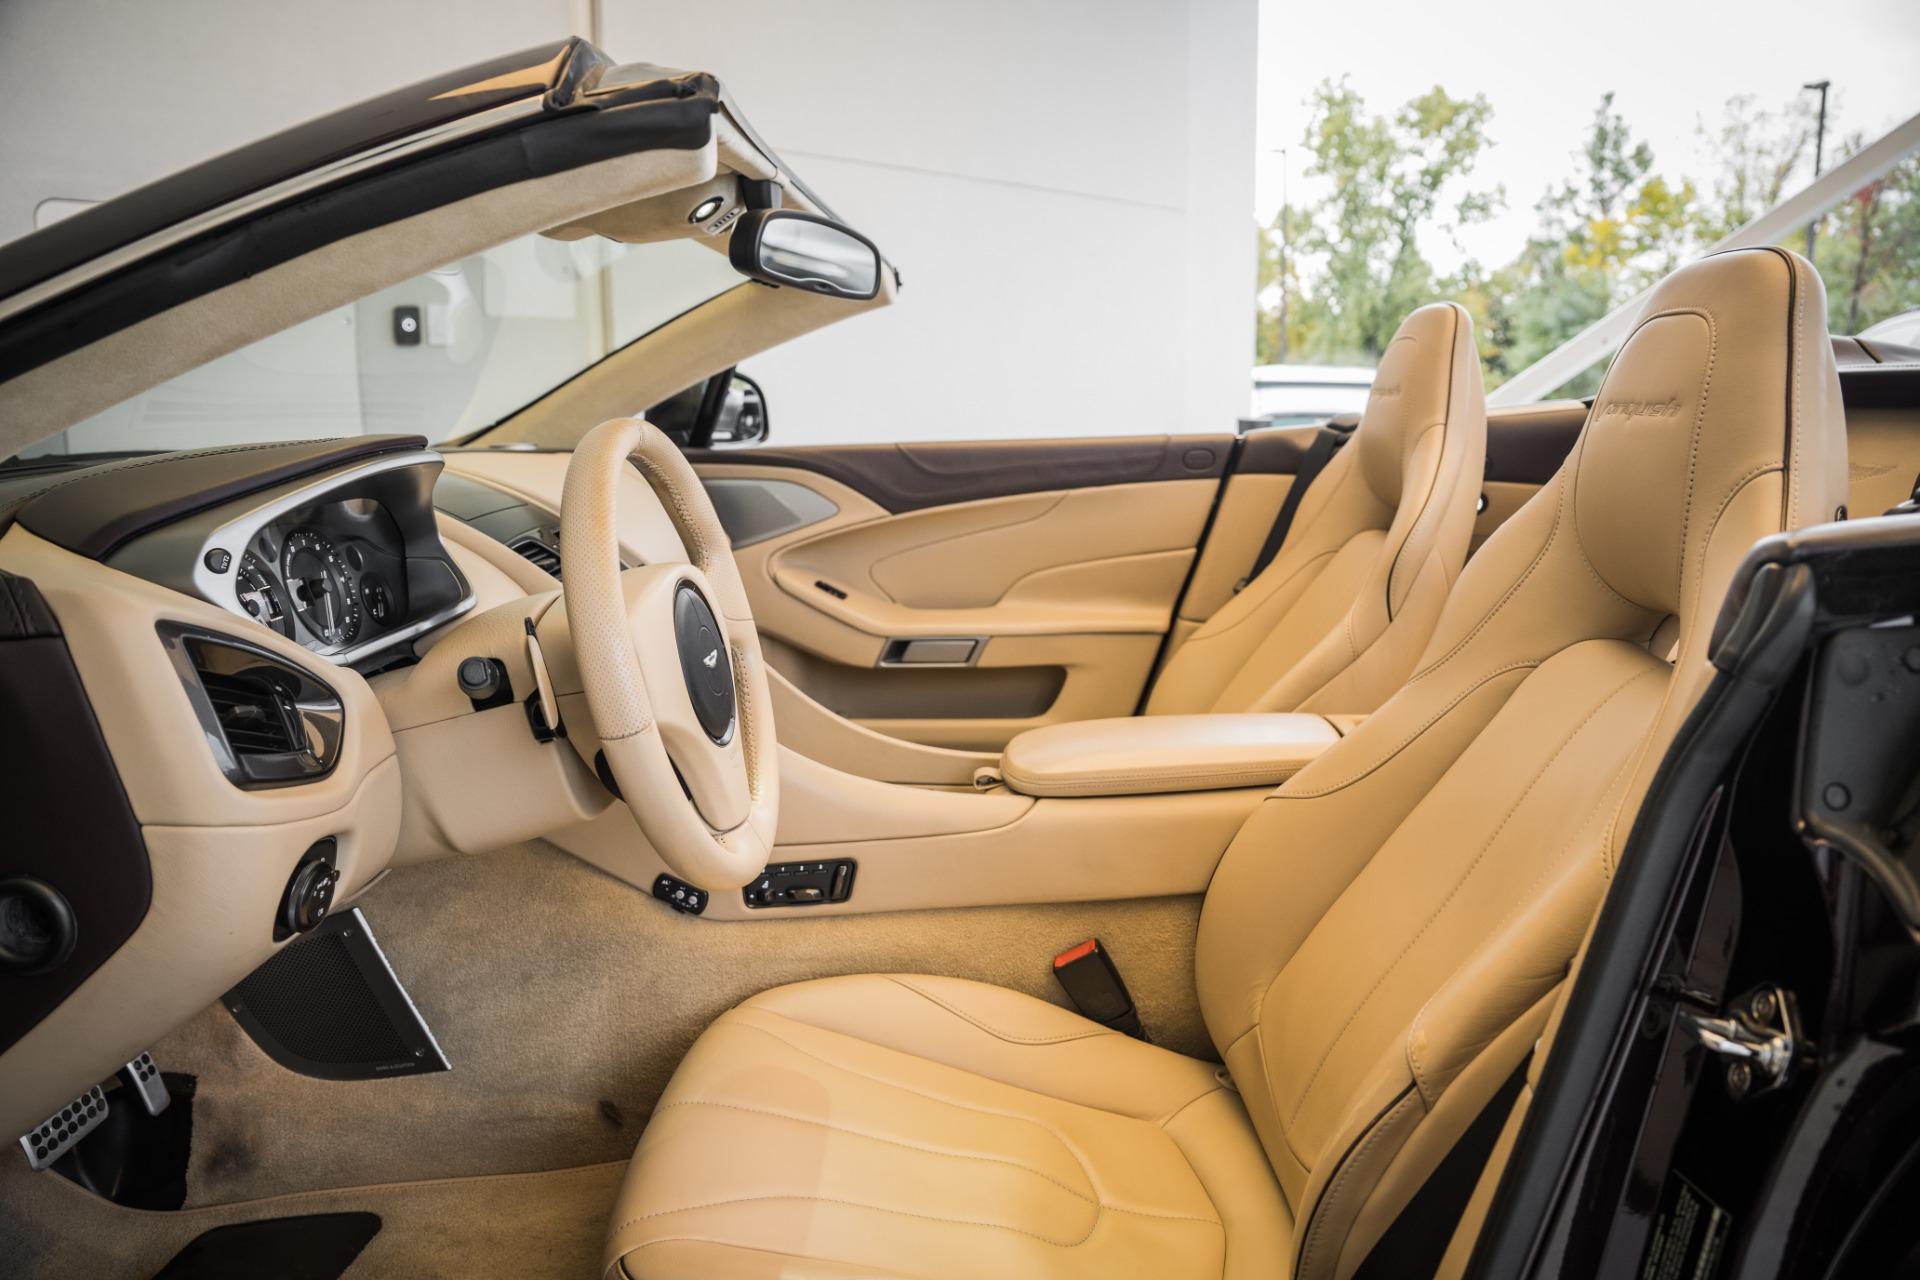 Aston Martin Vanquish Volante Stock K For Sale Near - Aston martin convertible for sale